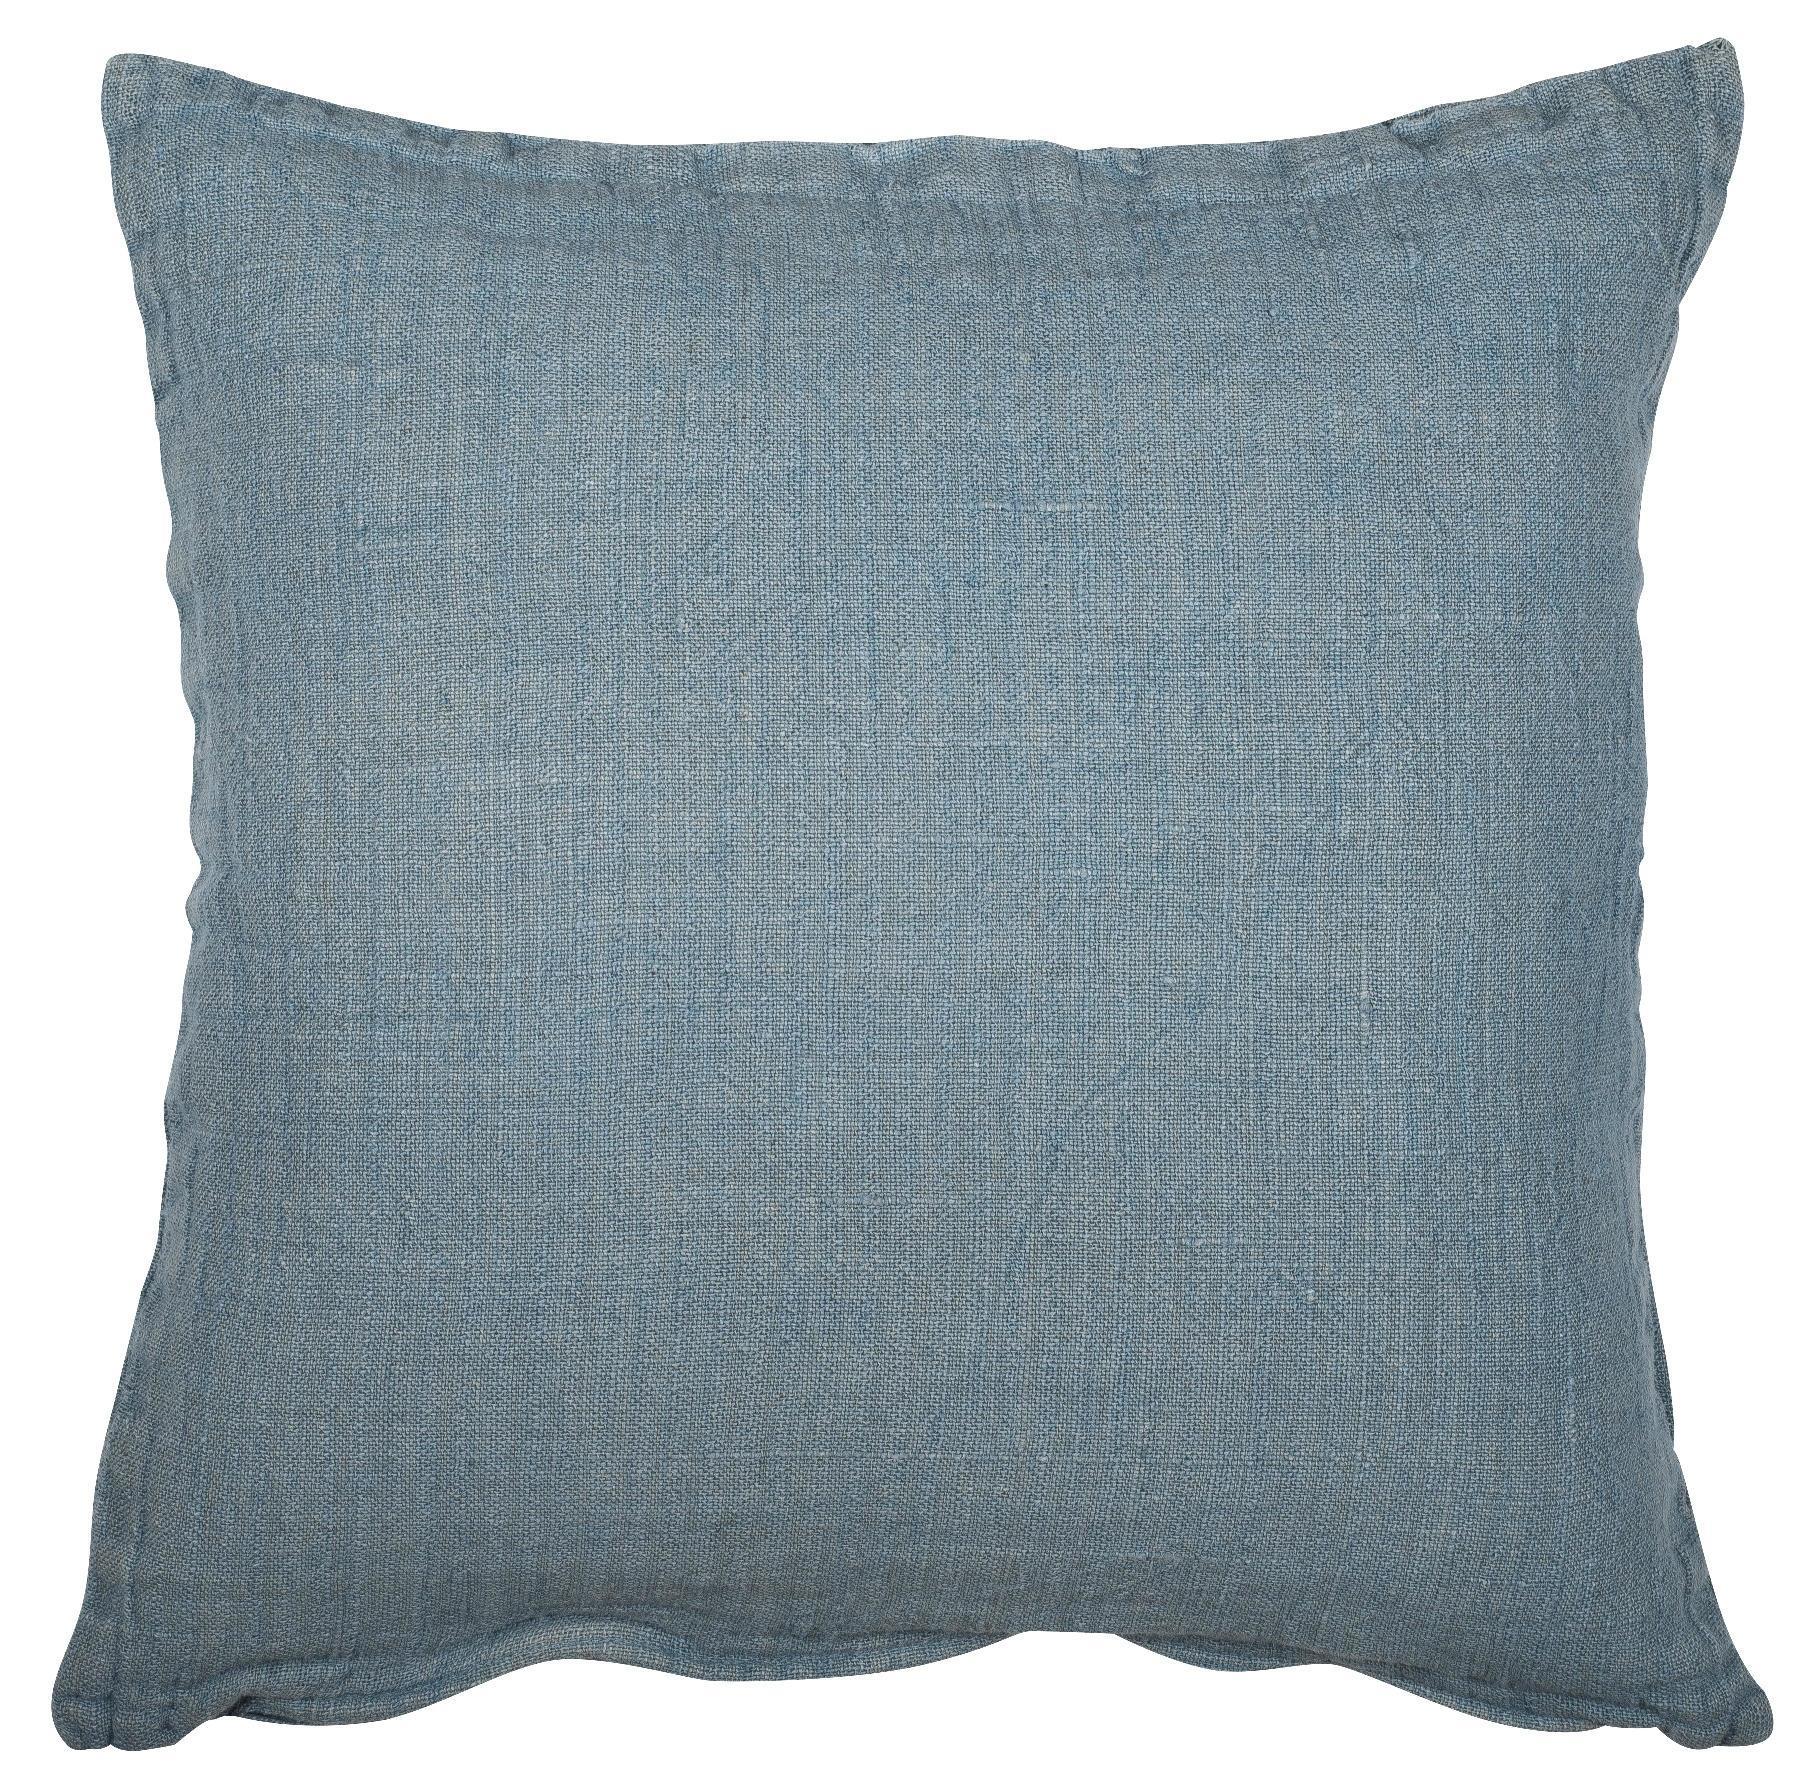 IB LAURSEN Lněný povlak na polštář Cover dusty blue 50x50, modrá barva, textil